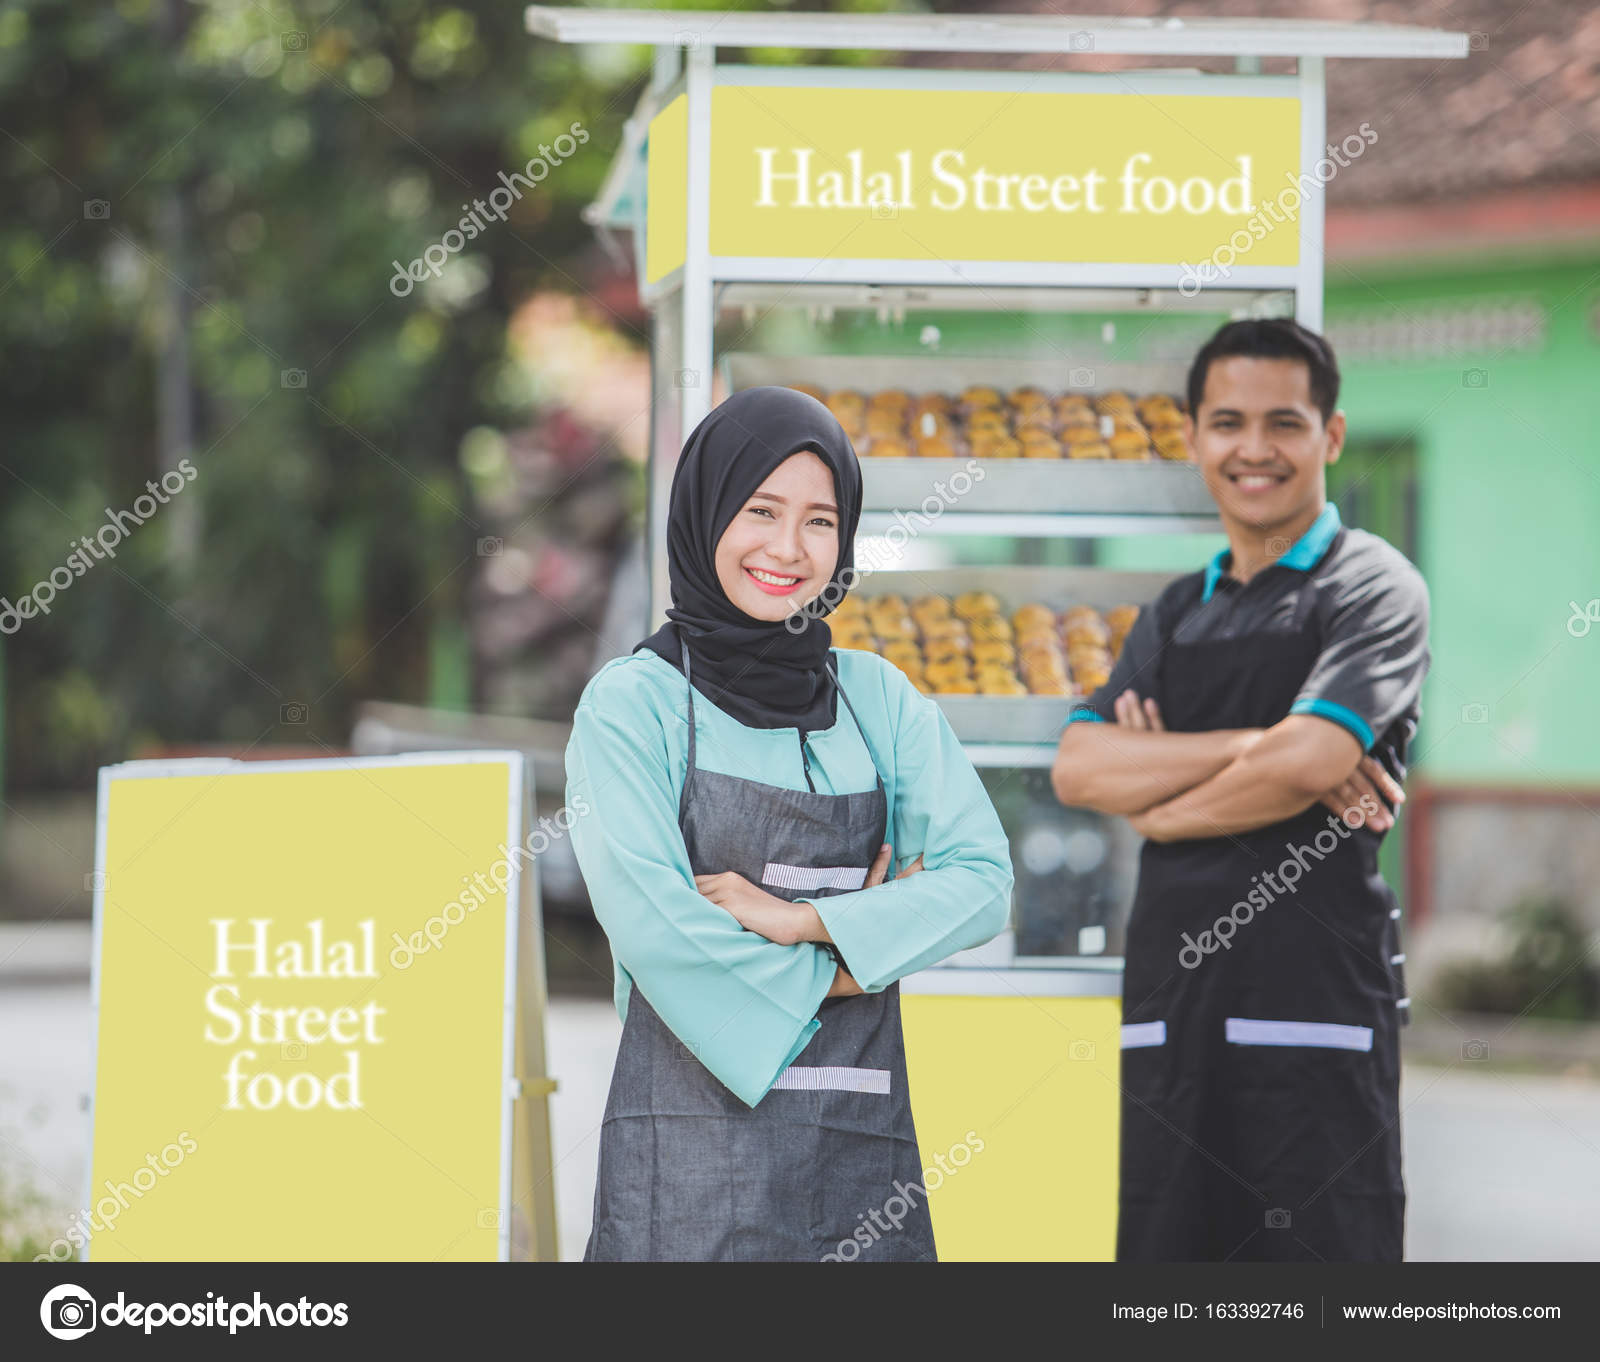 asiatique rencontres musulman SBS néerlandais datant